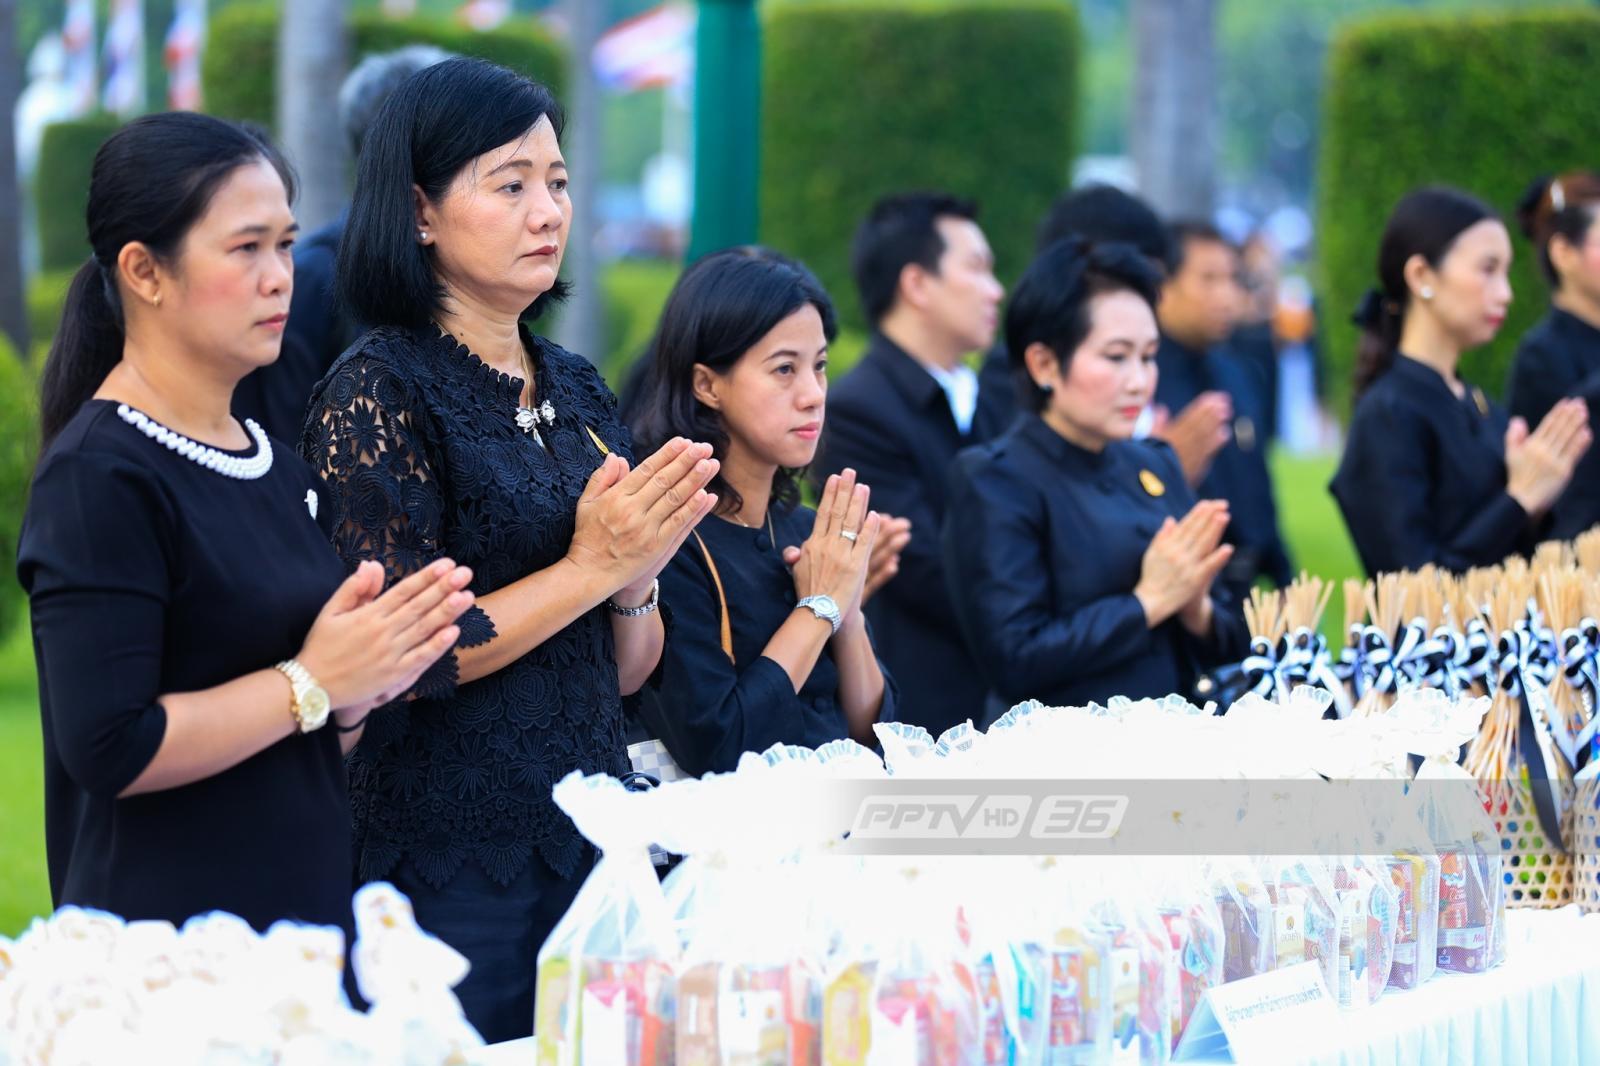 พสกนิกรร่วมพิธีบำเพ็ญกุศลเพื่อถวายพระราชกุศลครบรอบ 1 ปี วันคล้ายวันสวรรคต ร.9